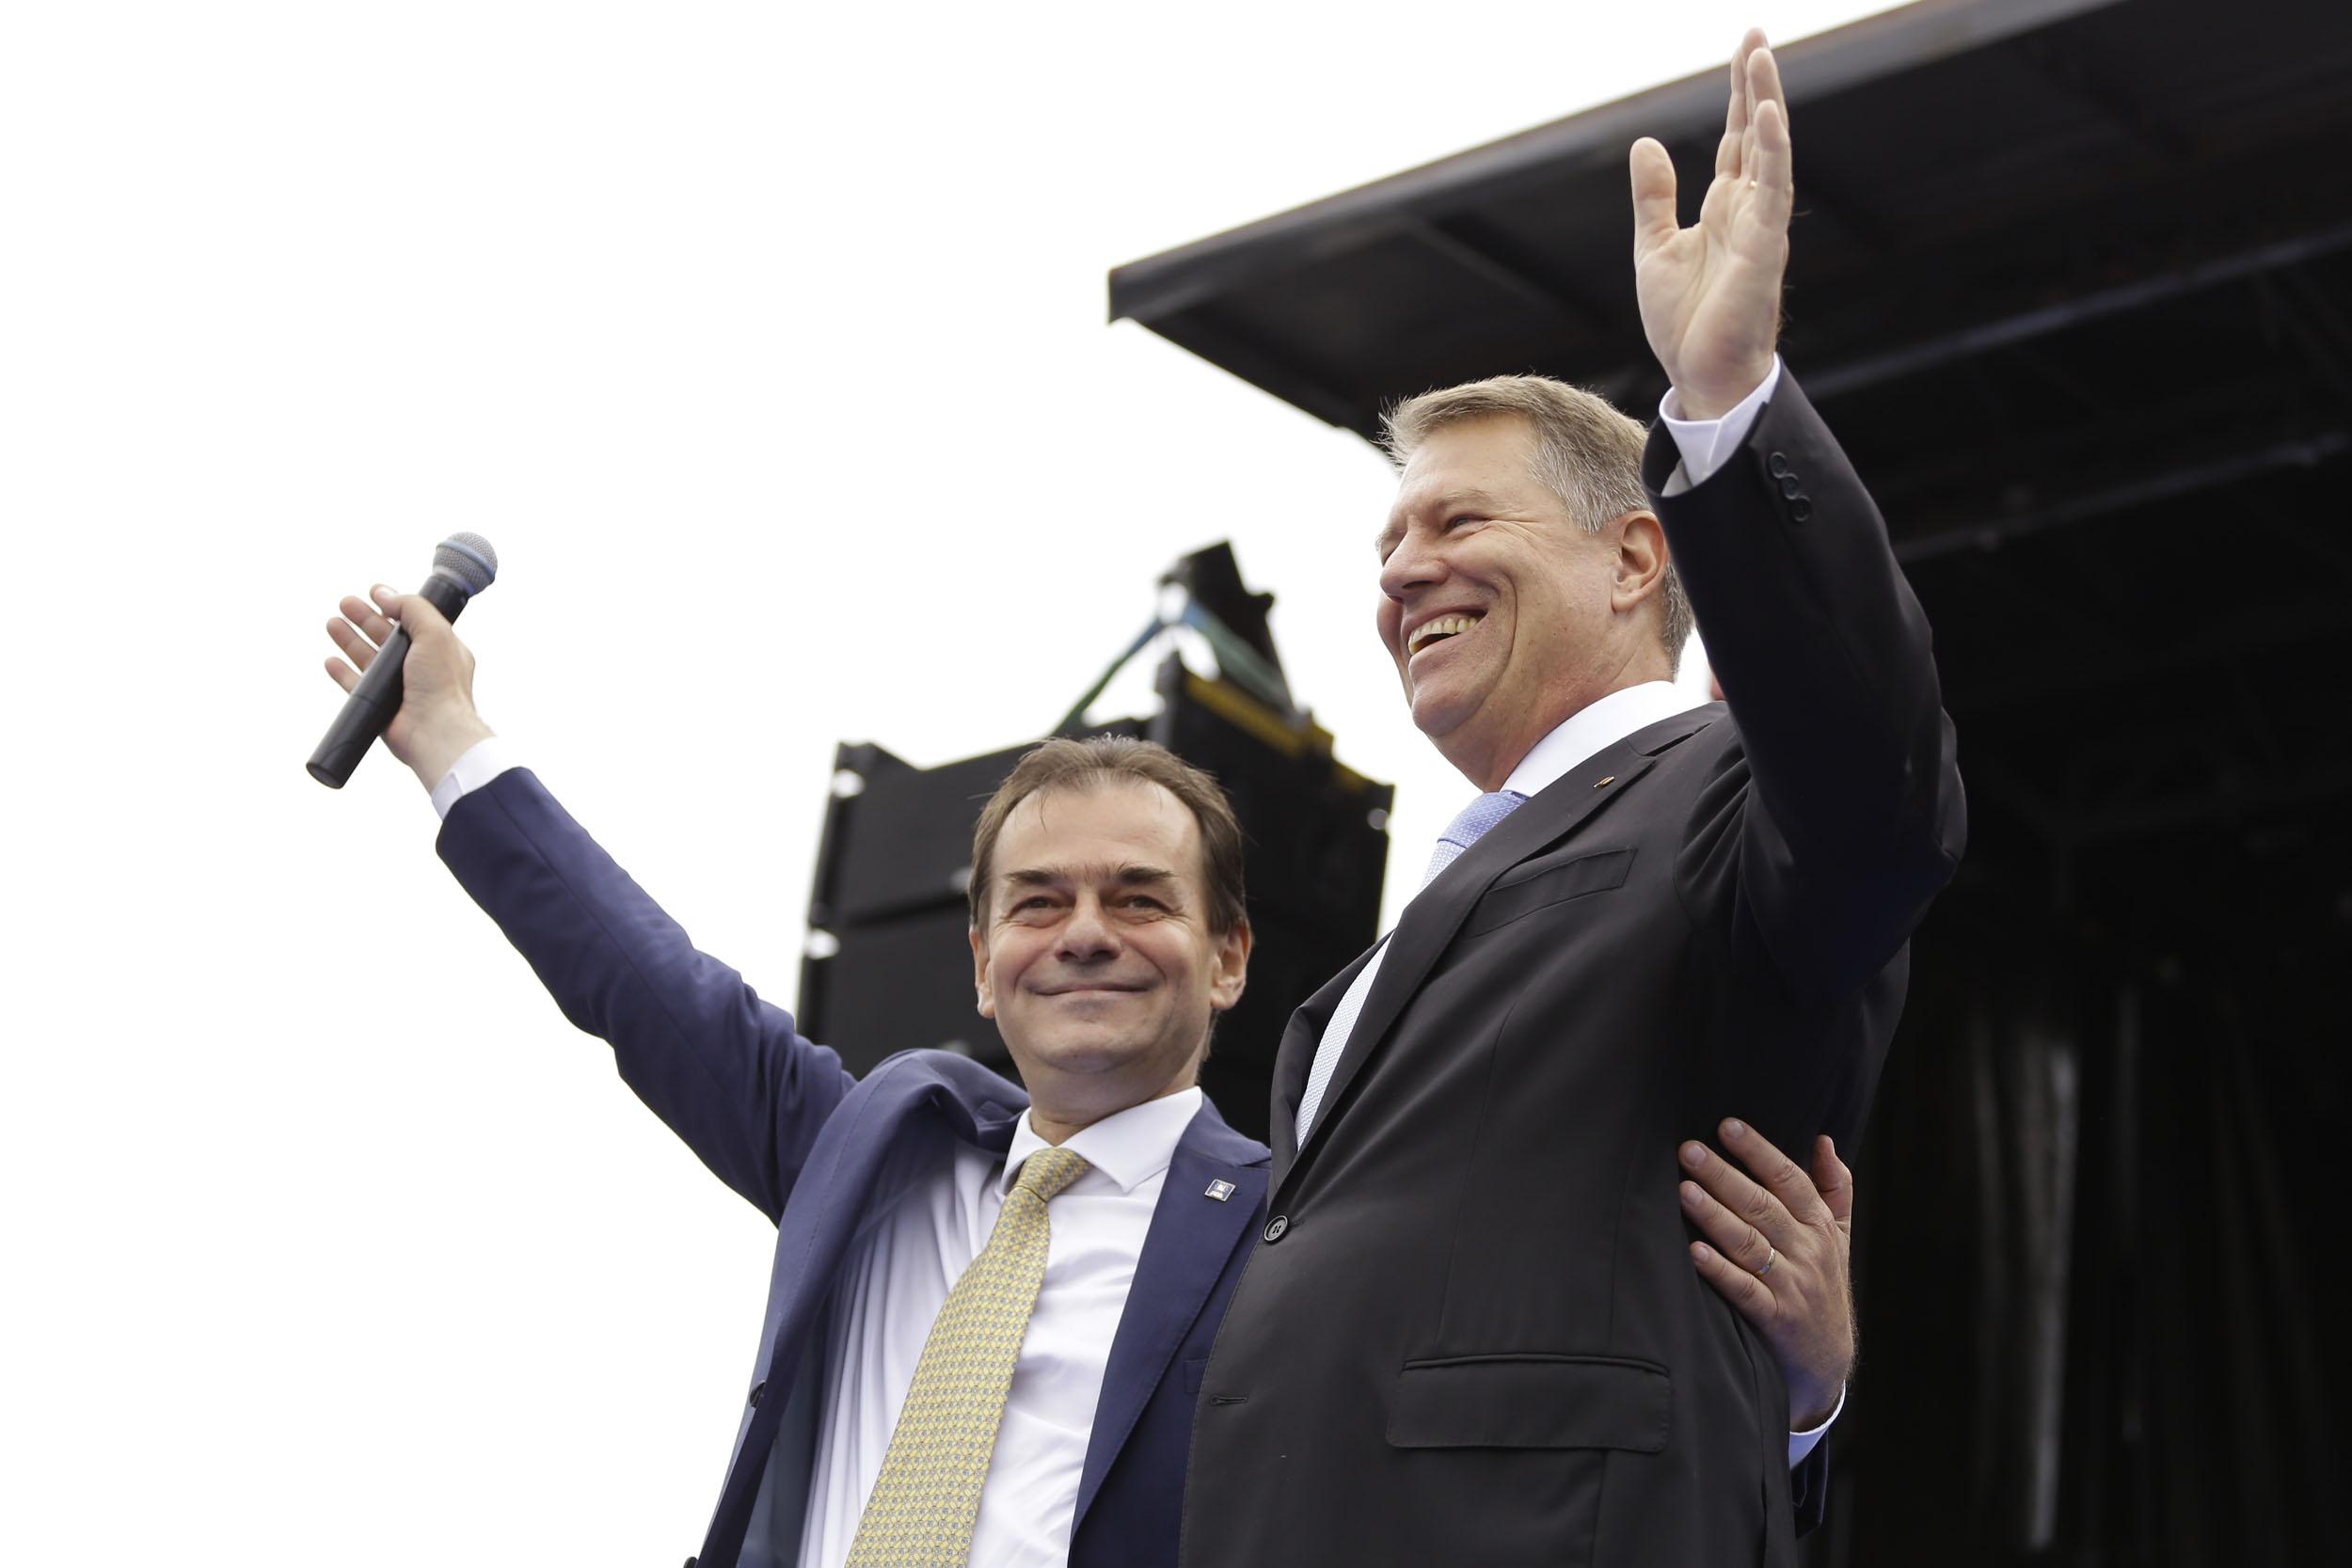 Cel mai bine păzit secret: Lista lui Orban! Toate numele din culisele noului Executiv